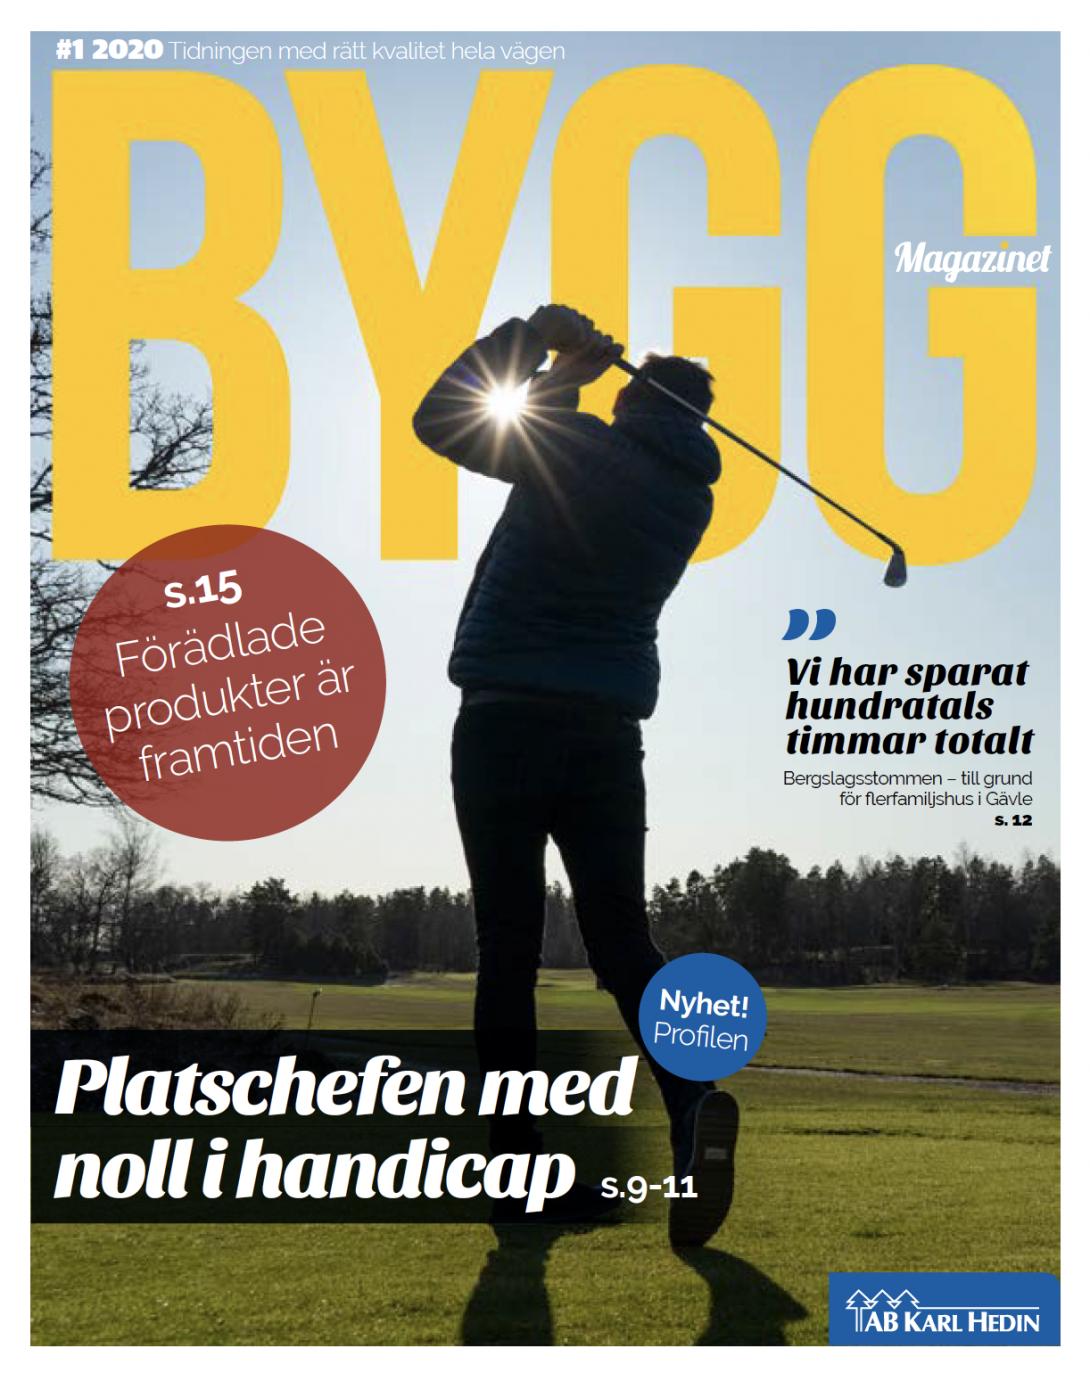 Byggmagazinet #1 2020